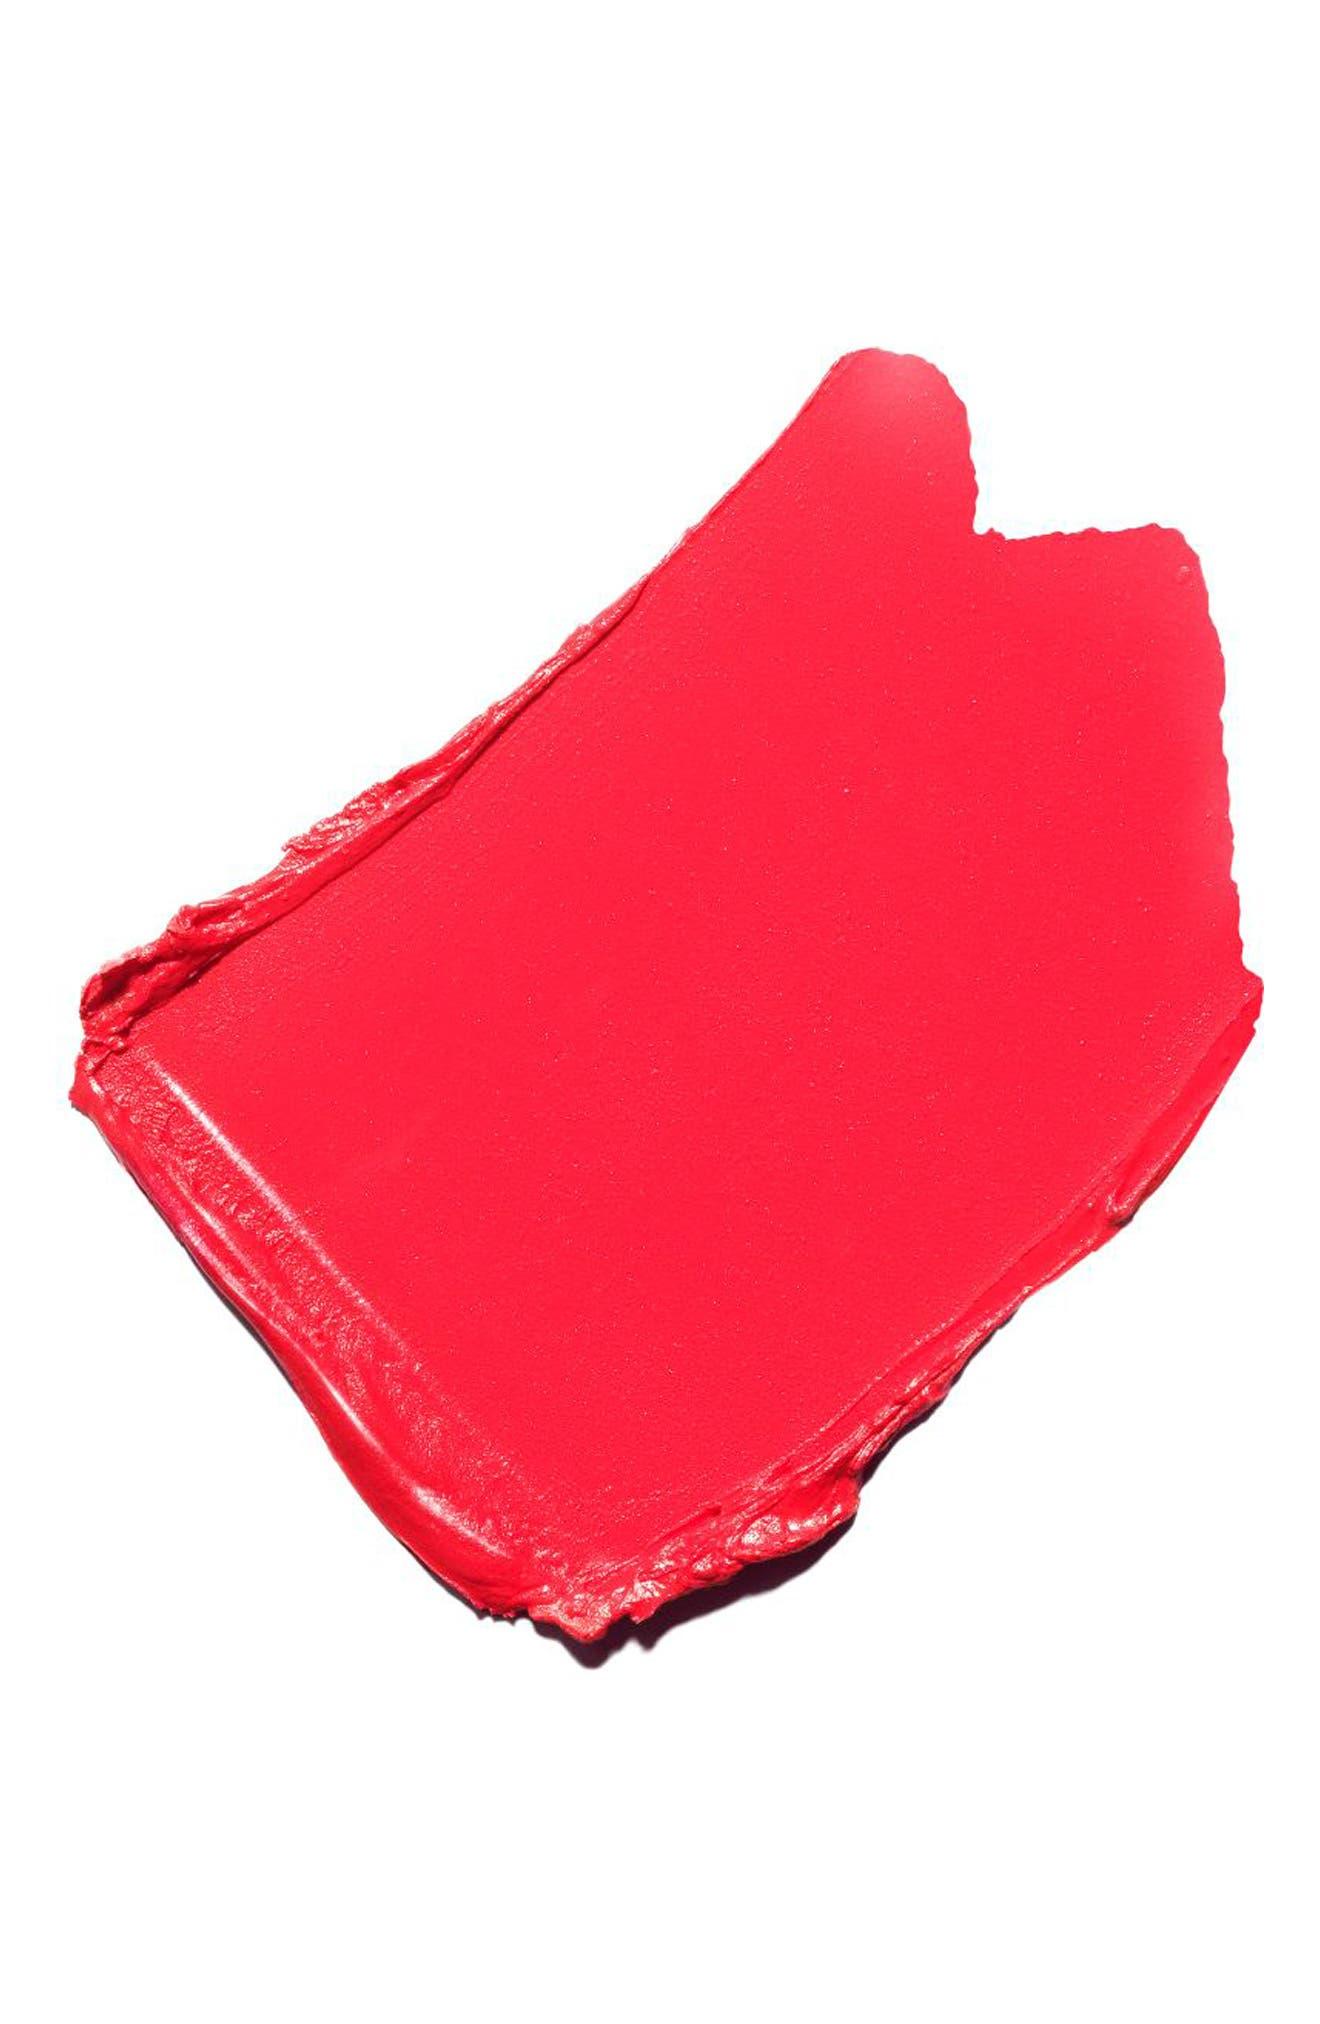 CHANEL, ROUGE ALLURE<br />Luminous Intense Lip Colour, Alternate thumbnail 2, color, 172 ROUGE REBELLE